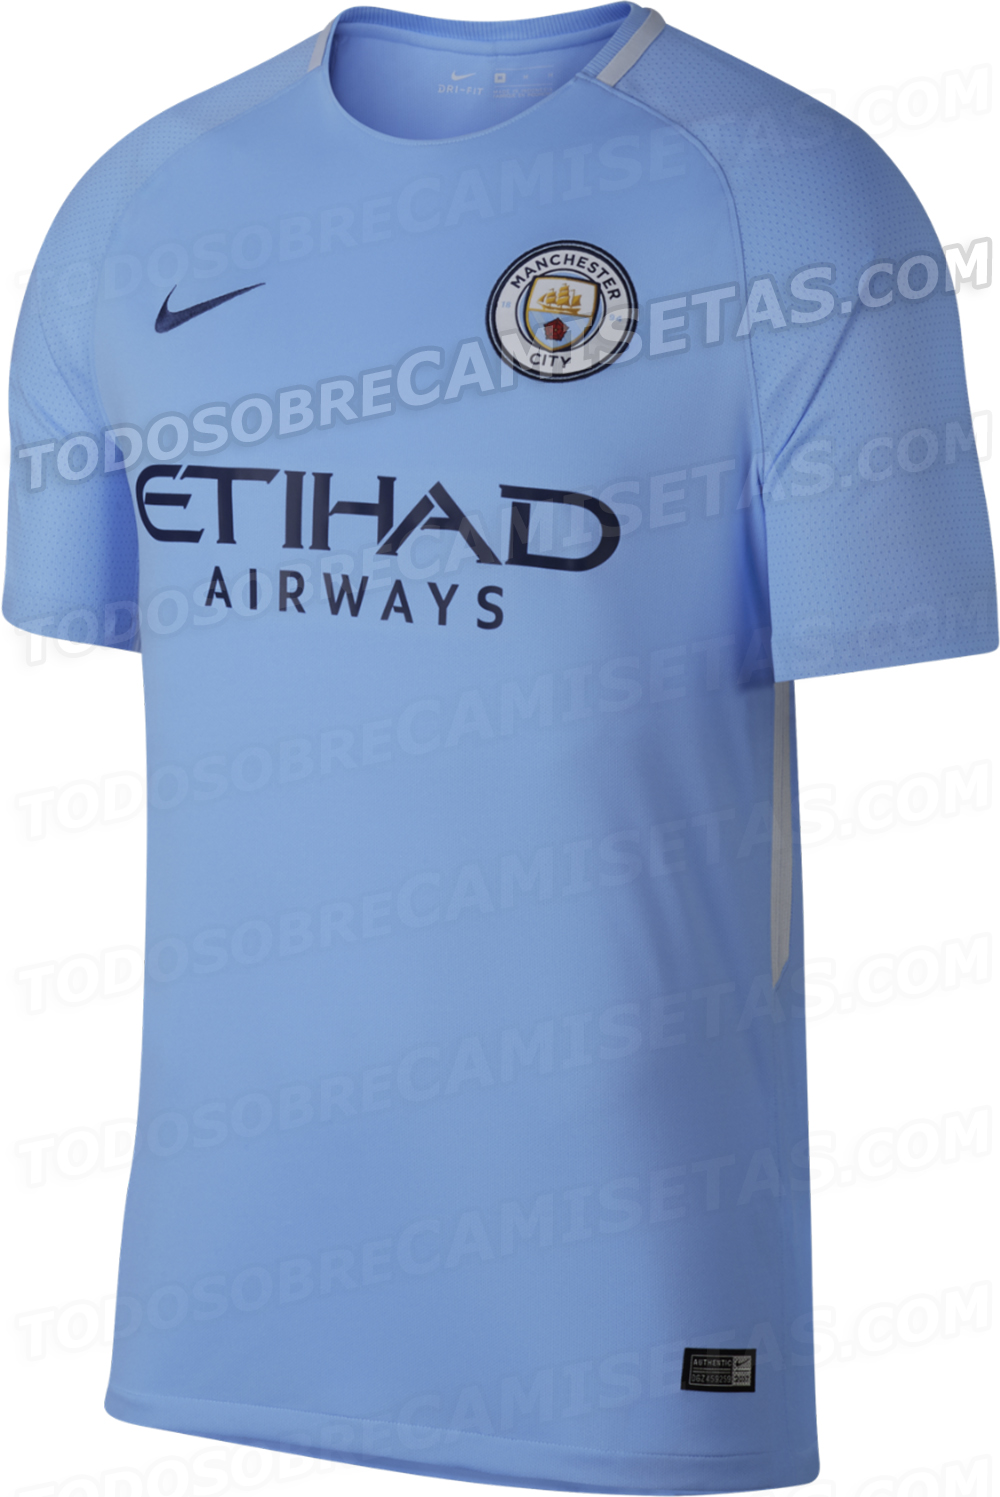 b8f3bd612 Site mostra imagem de possível camisa do Manchester City para a temporada  2017 2018